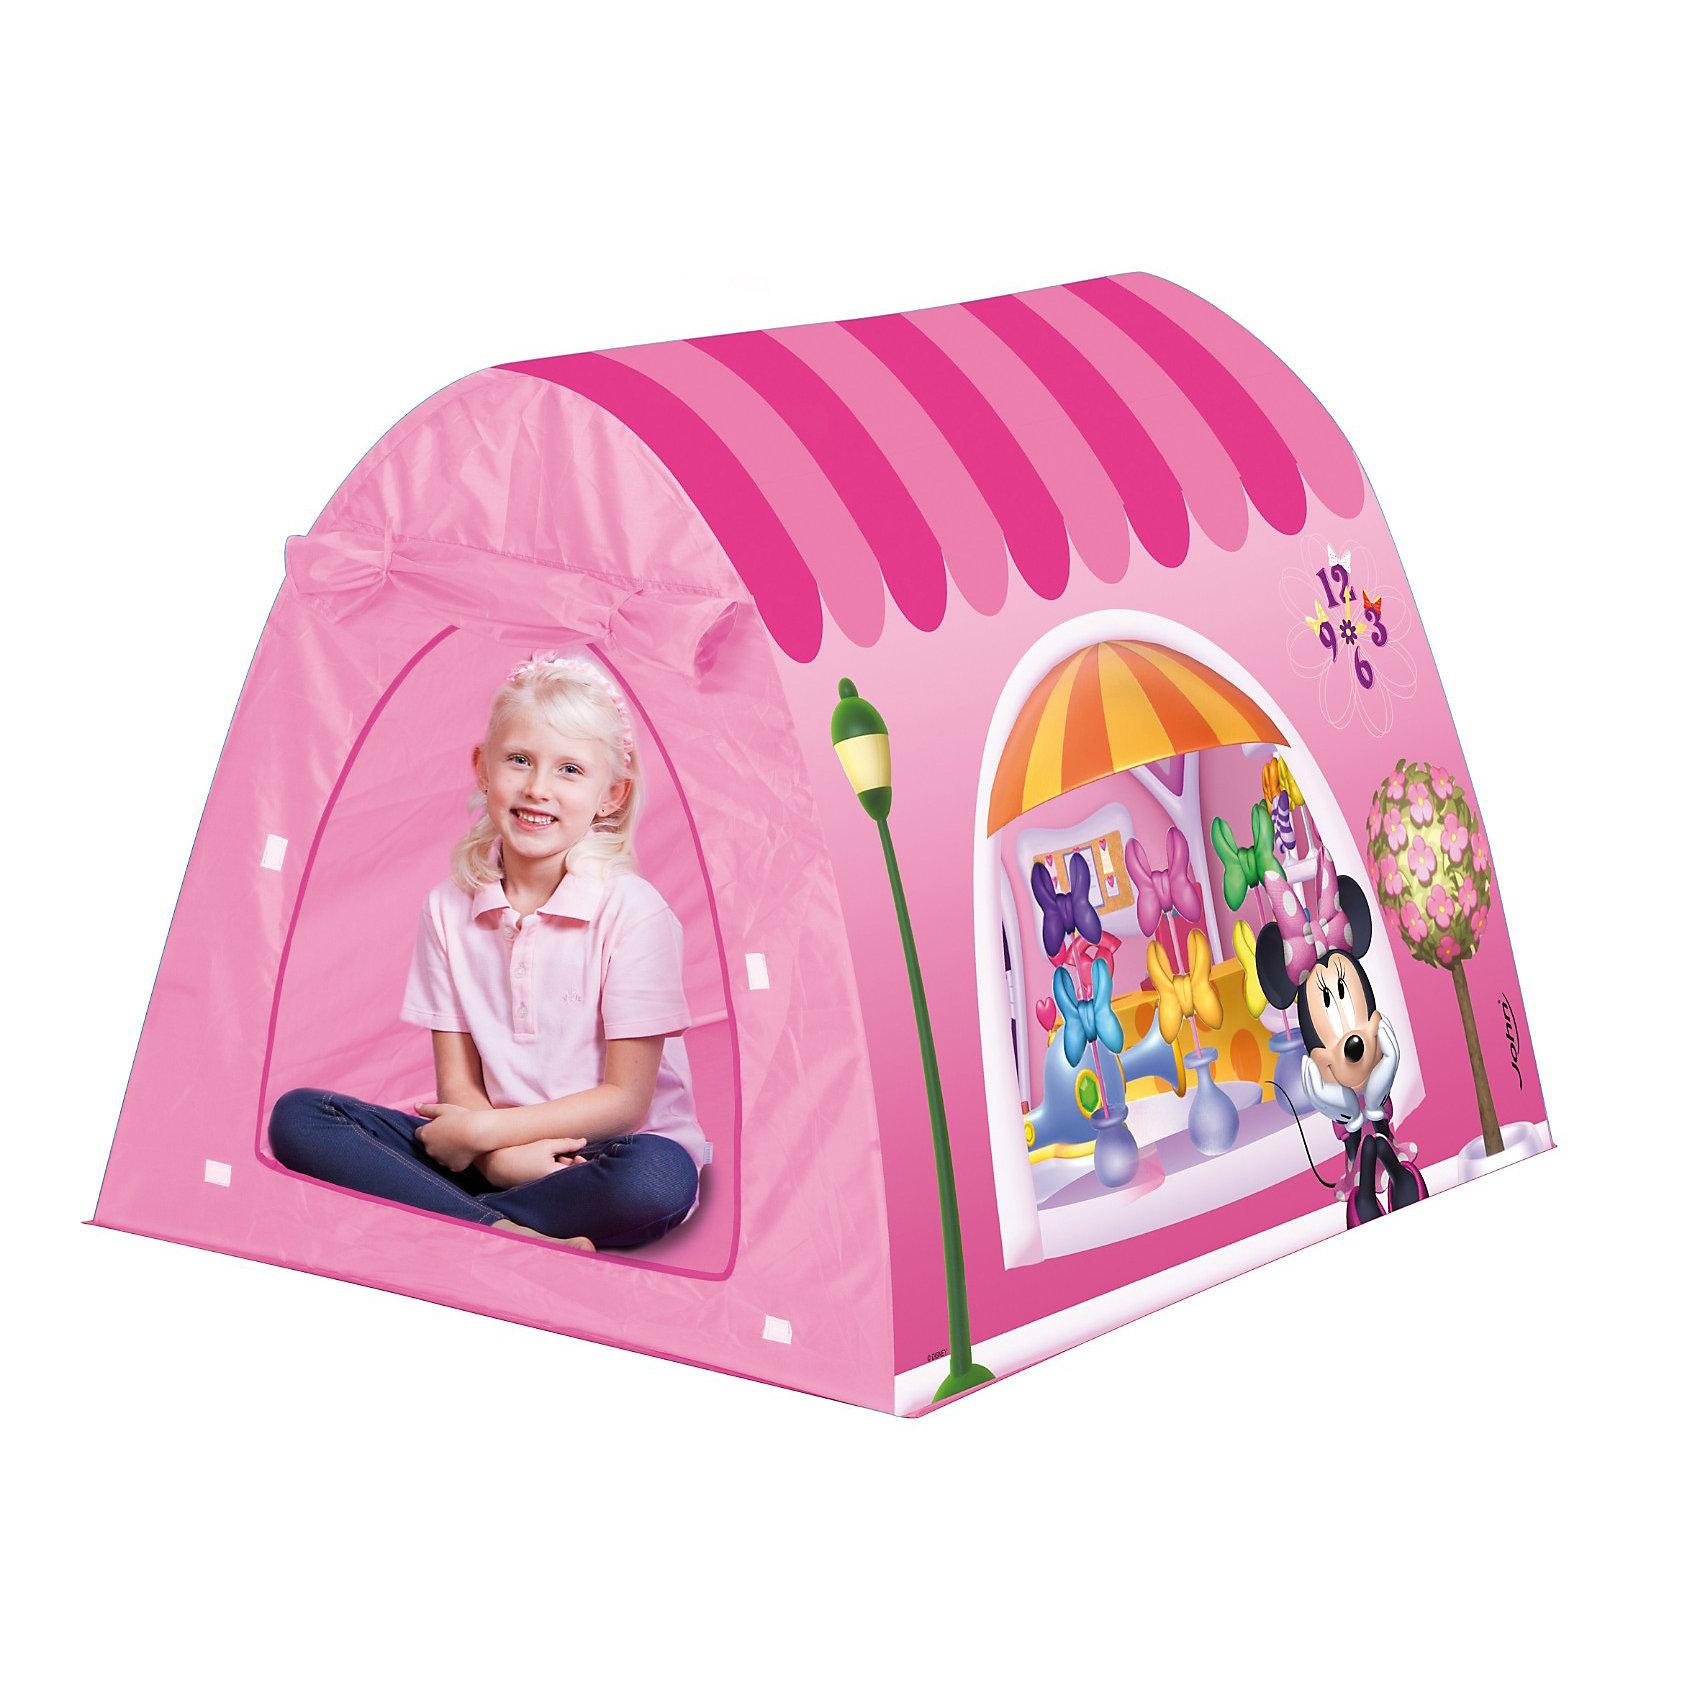 Палатка Минни, 120*100*90 см, JohnДетская игровая палатка Минни, John - настоящий сказочный домик, который станет любимым местом для игр Вашего ребенка. Красочная палатка выполнена в ярких розовых тонах и украшена изображениями мышки Минни из популярных диснеевских мультфильмов. Имеется дверь, которую можно оставлять открытой с помощью креплений-ленточек.<br>Палатка легко собирается и складывается их трубочек, составляющих каркас. Этот замечательный игровой домик поможет Вашей девочке создать свой уютный уголок для игр как в помещении, так и на улице. Палатка выполнена из легкого, водонепроницаемого, моющегося материала, компактно складывается и не занимает много места. <br><br><br>Дополнительная информация:<br><br>- Материал: текстиль, металл, пластик. <br>- Размер палатки: 120 х 100 х 90 см.<br>- Вес: 1,5 кг. <br><br>Яркая палатка будет чудесным местом для самостоятельной игры ребёнка и отлично подойдёт для сюжетно-ролевых игр. <br><br>Палатку Минни, John (Джон) можно купить в нашем интернет-магазине.<br><br>Ширина мм: 373<br>Глубина мм: 286<br>Высота мм: 106<br>Вес г: 1102<br>Возраст от месяцев: 36<br>Возраст до месяцев: 96<br>Пол: Женский<br>Возраст: Детский<br>SKU: 3334179